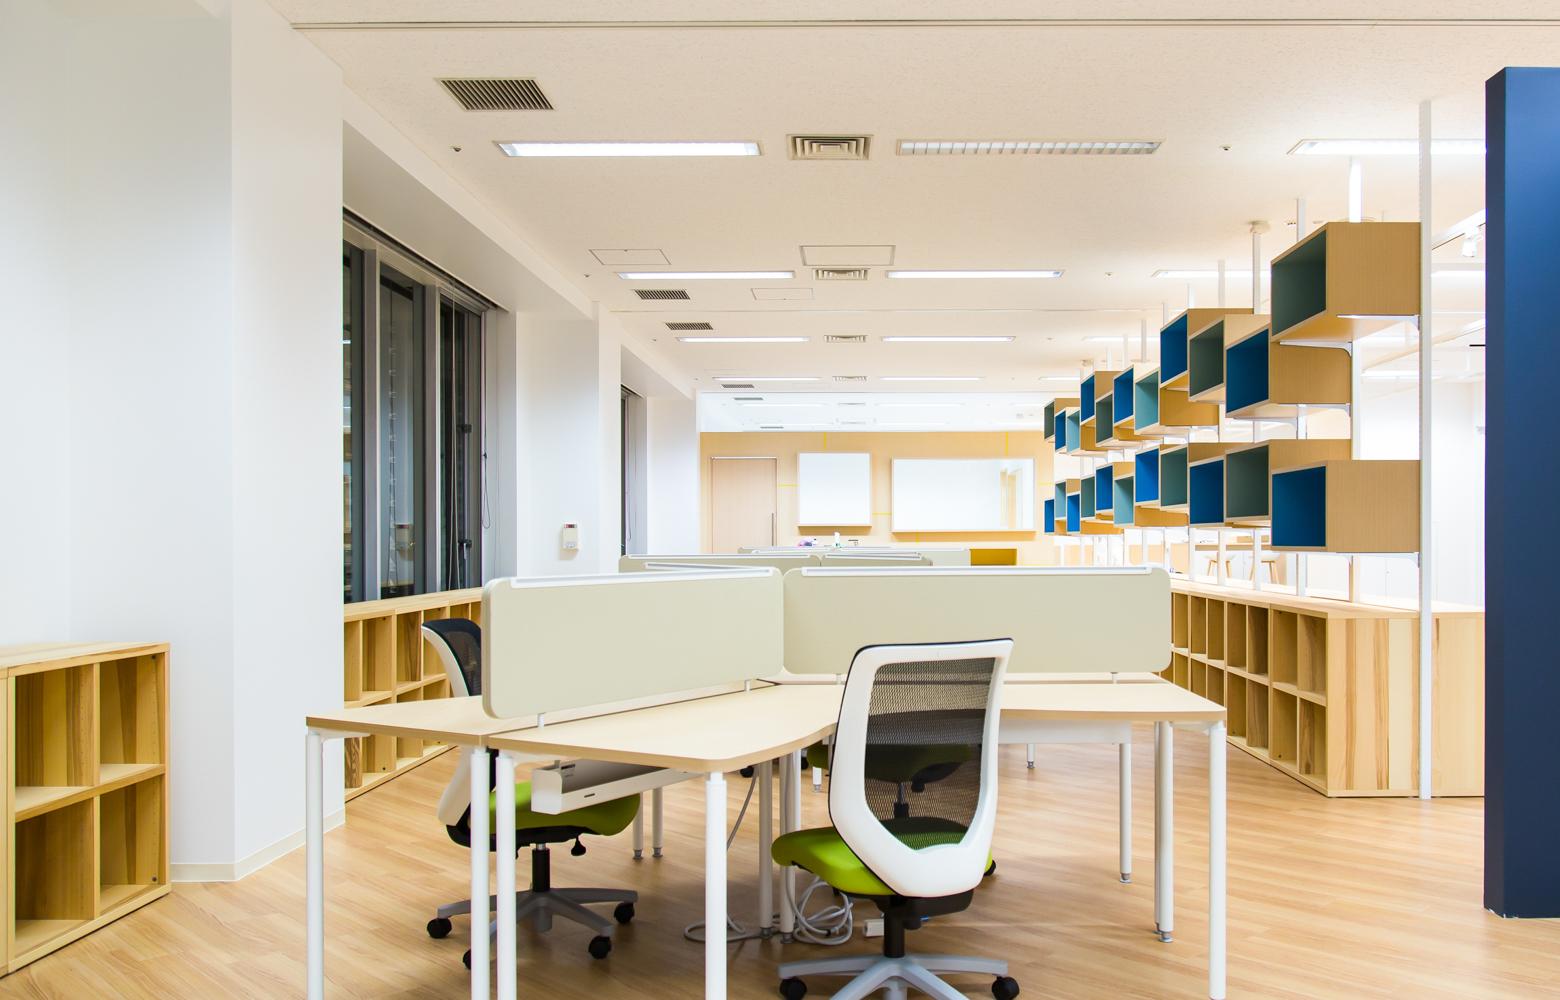 慶應義塾大学大学院メディアデザイン研究科 Work Space デザイン・レイアウト事例